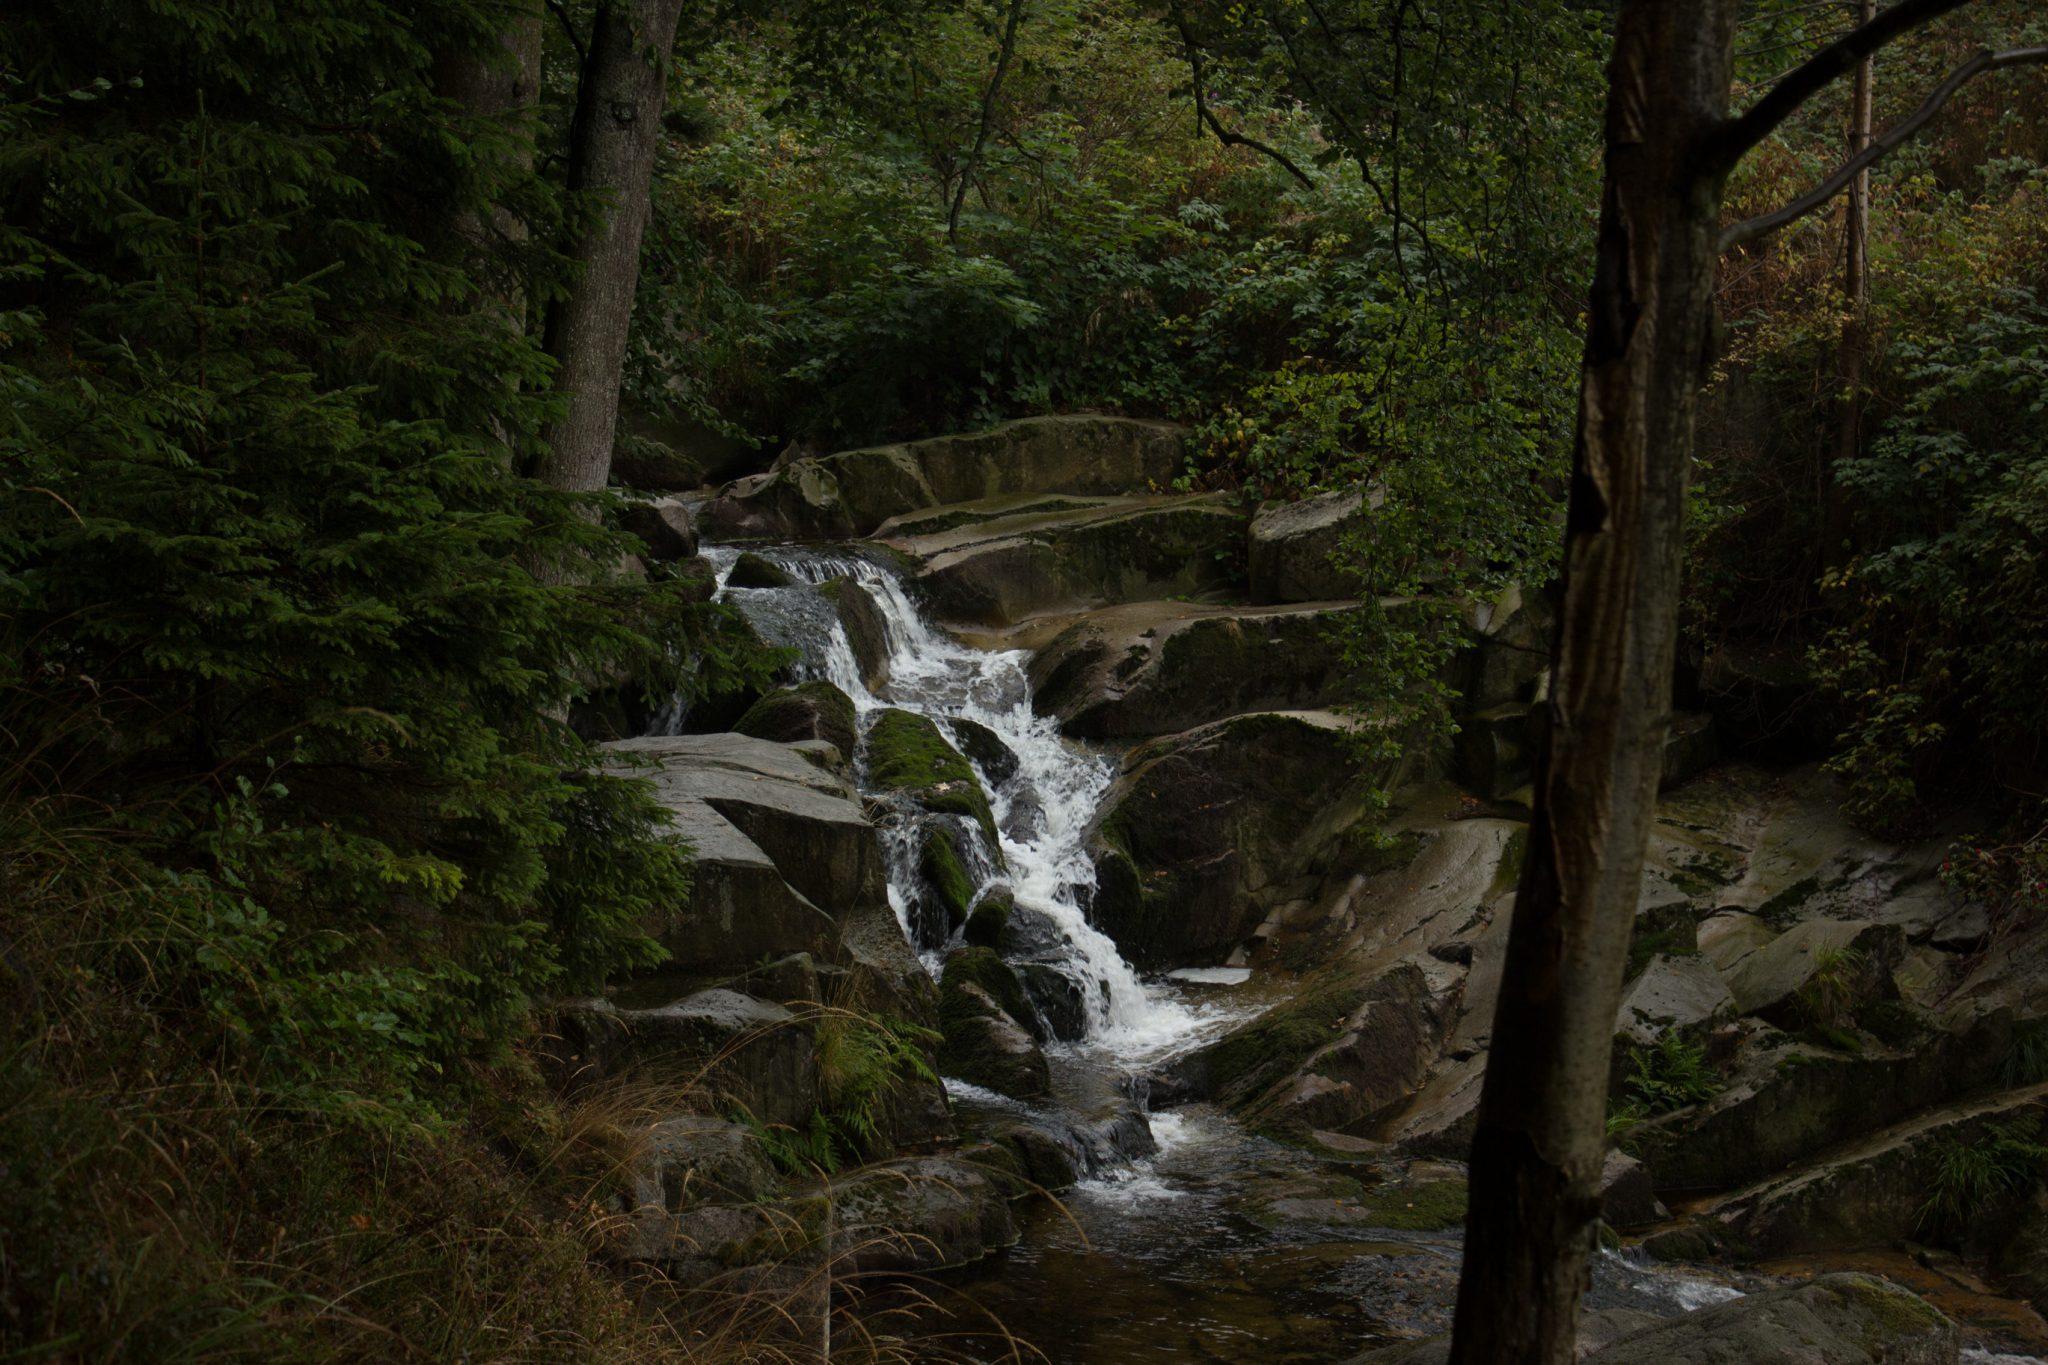 Wanderung Brocken über Heinrich-Heine-Weg, Start in Ilsenburg, Nationalpark Harz, schöner Wanderweg im Wald entlang des Fluß Ilse, kleiner Wasserfall, atmosphärisch, herrliche frische Luft, viele Laubbäume, über Stock und Stein über schmalen Pfad